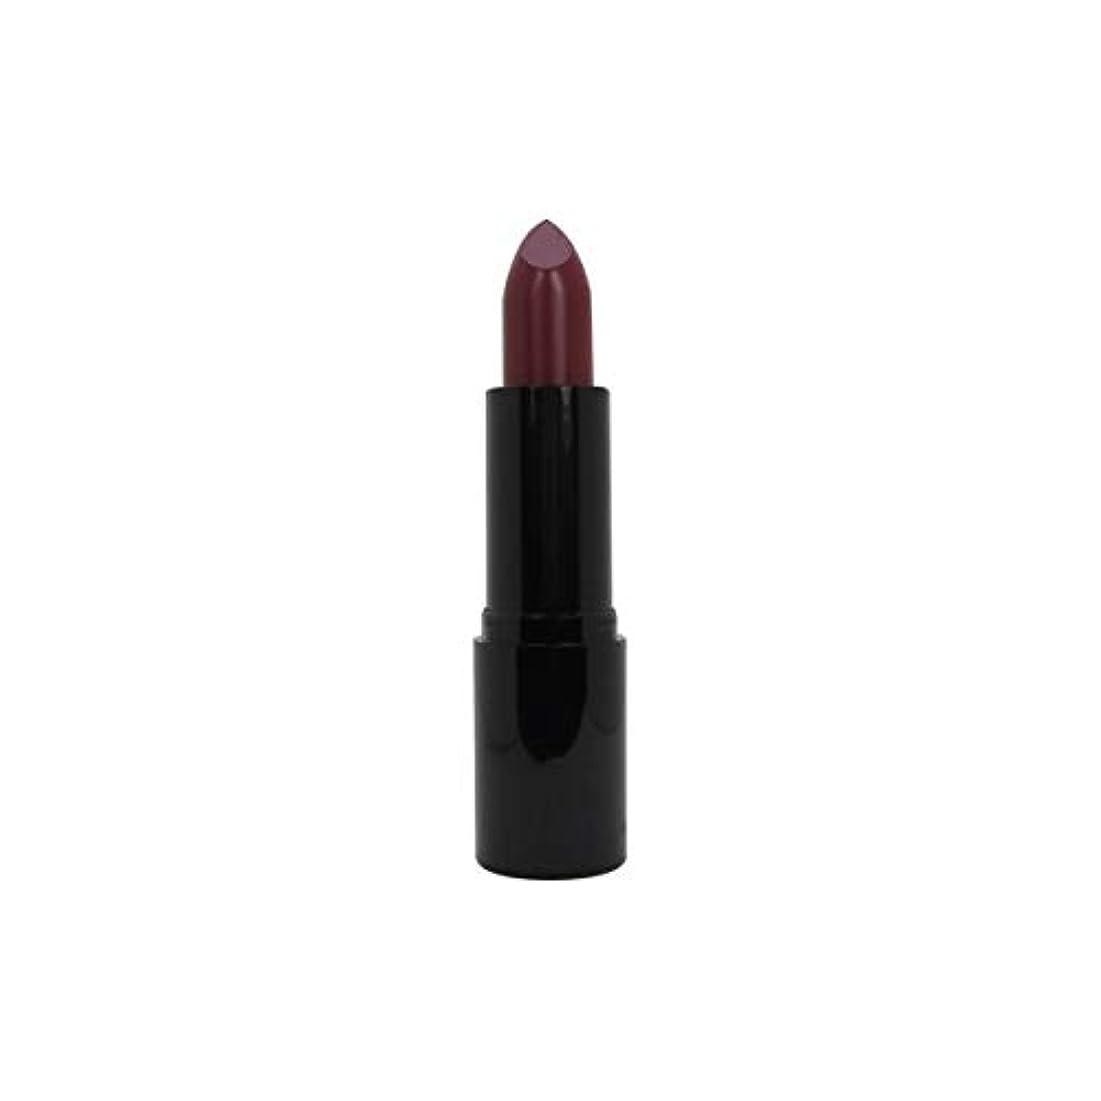 居間ナースうめきSkinerie The Collection Lipstick 11 Berry Diva 3,5g